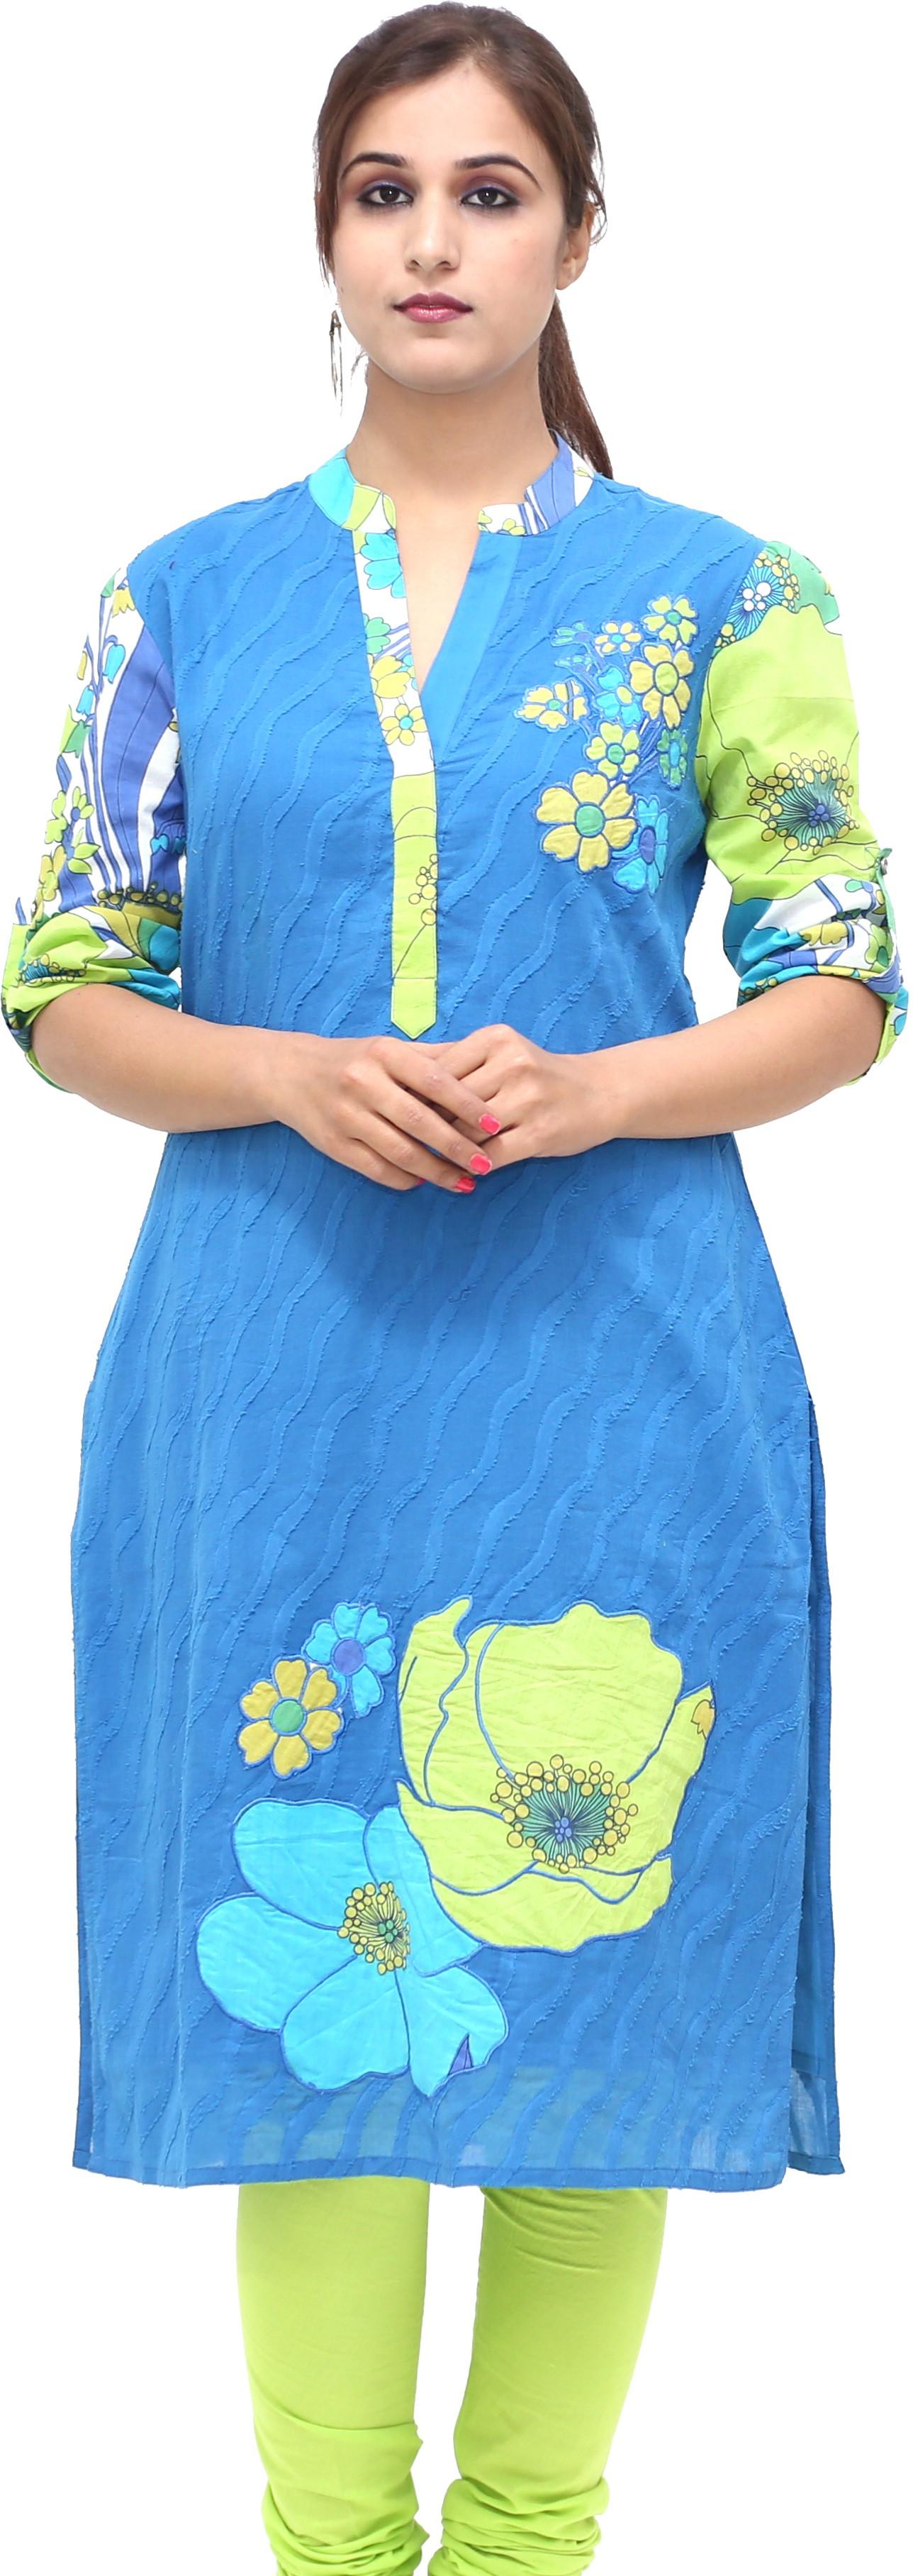 Missprint Floral Print Womens Straight Kurta(Blue, Green)